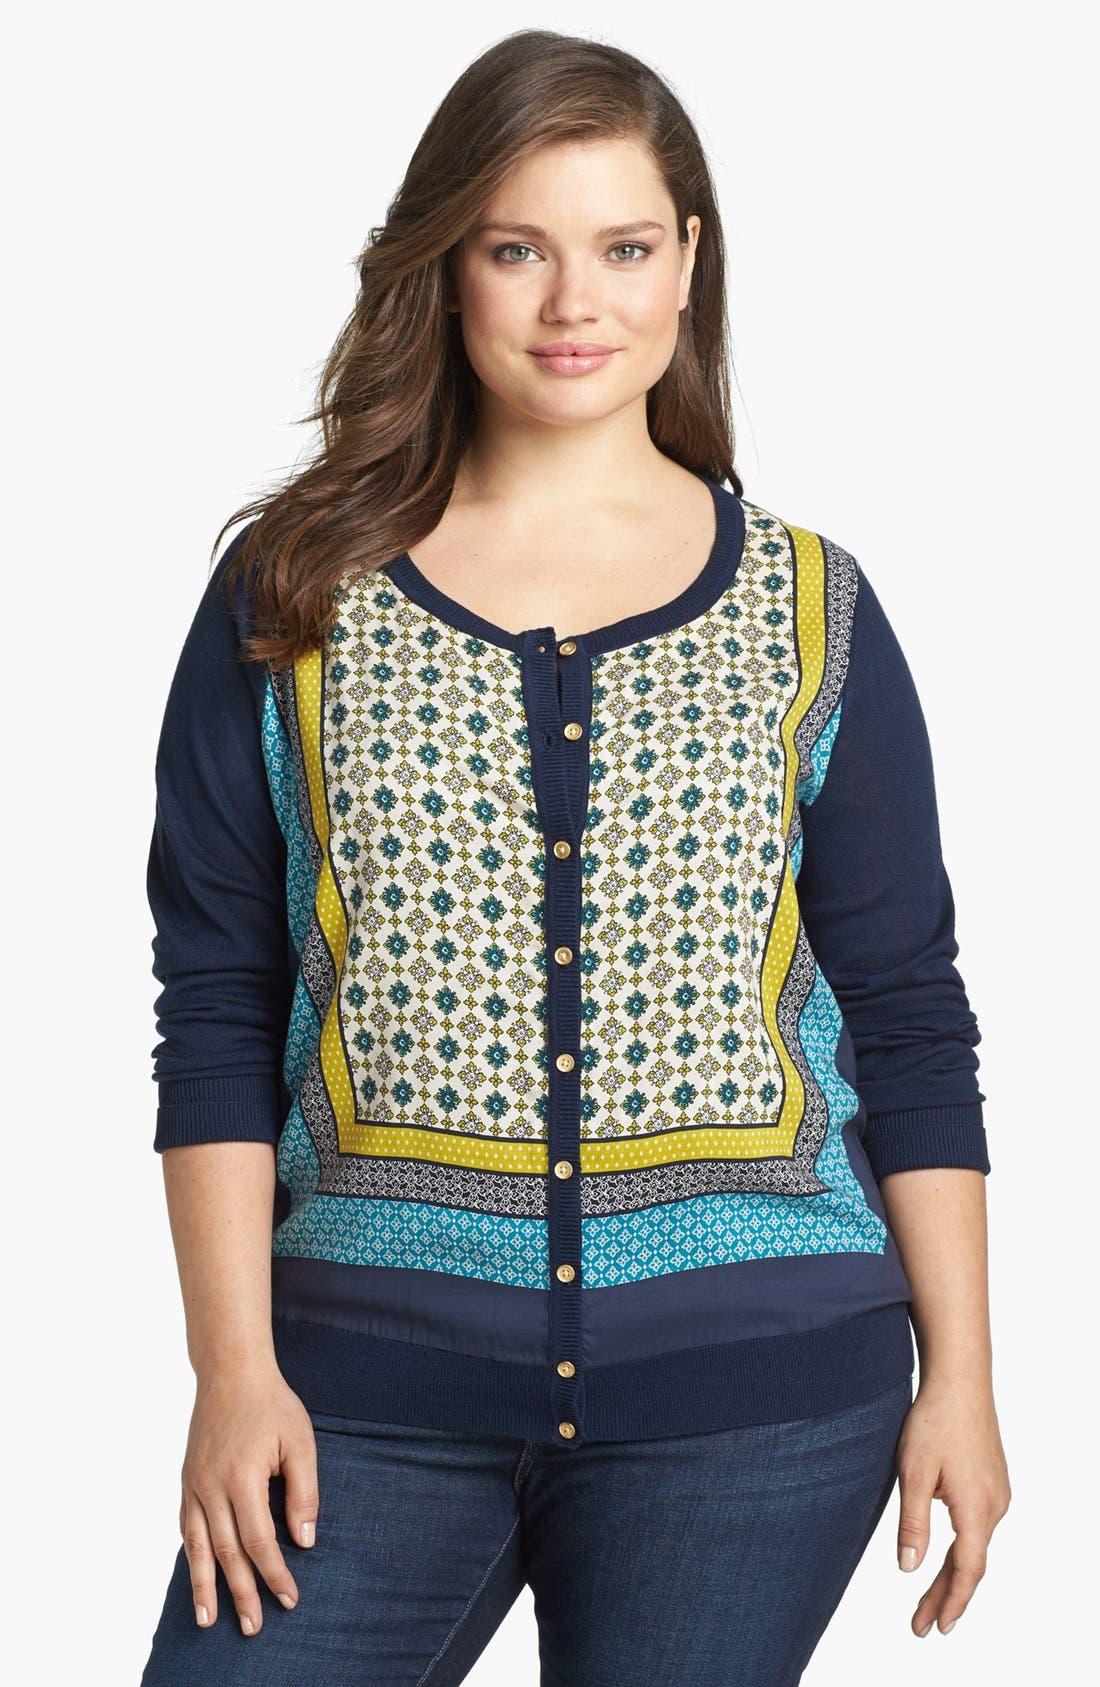 Main Image - Lucky Brand 'Simoni' Scarf Print Cardigan (Plus Size)